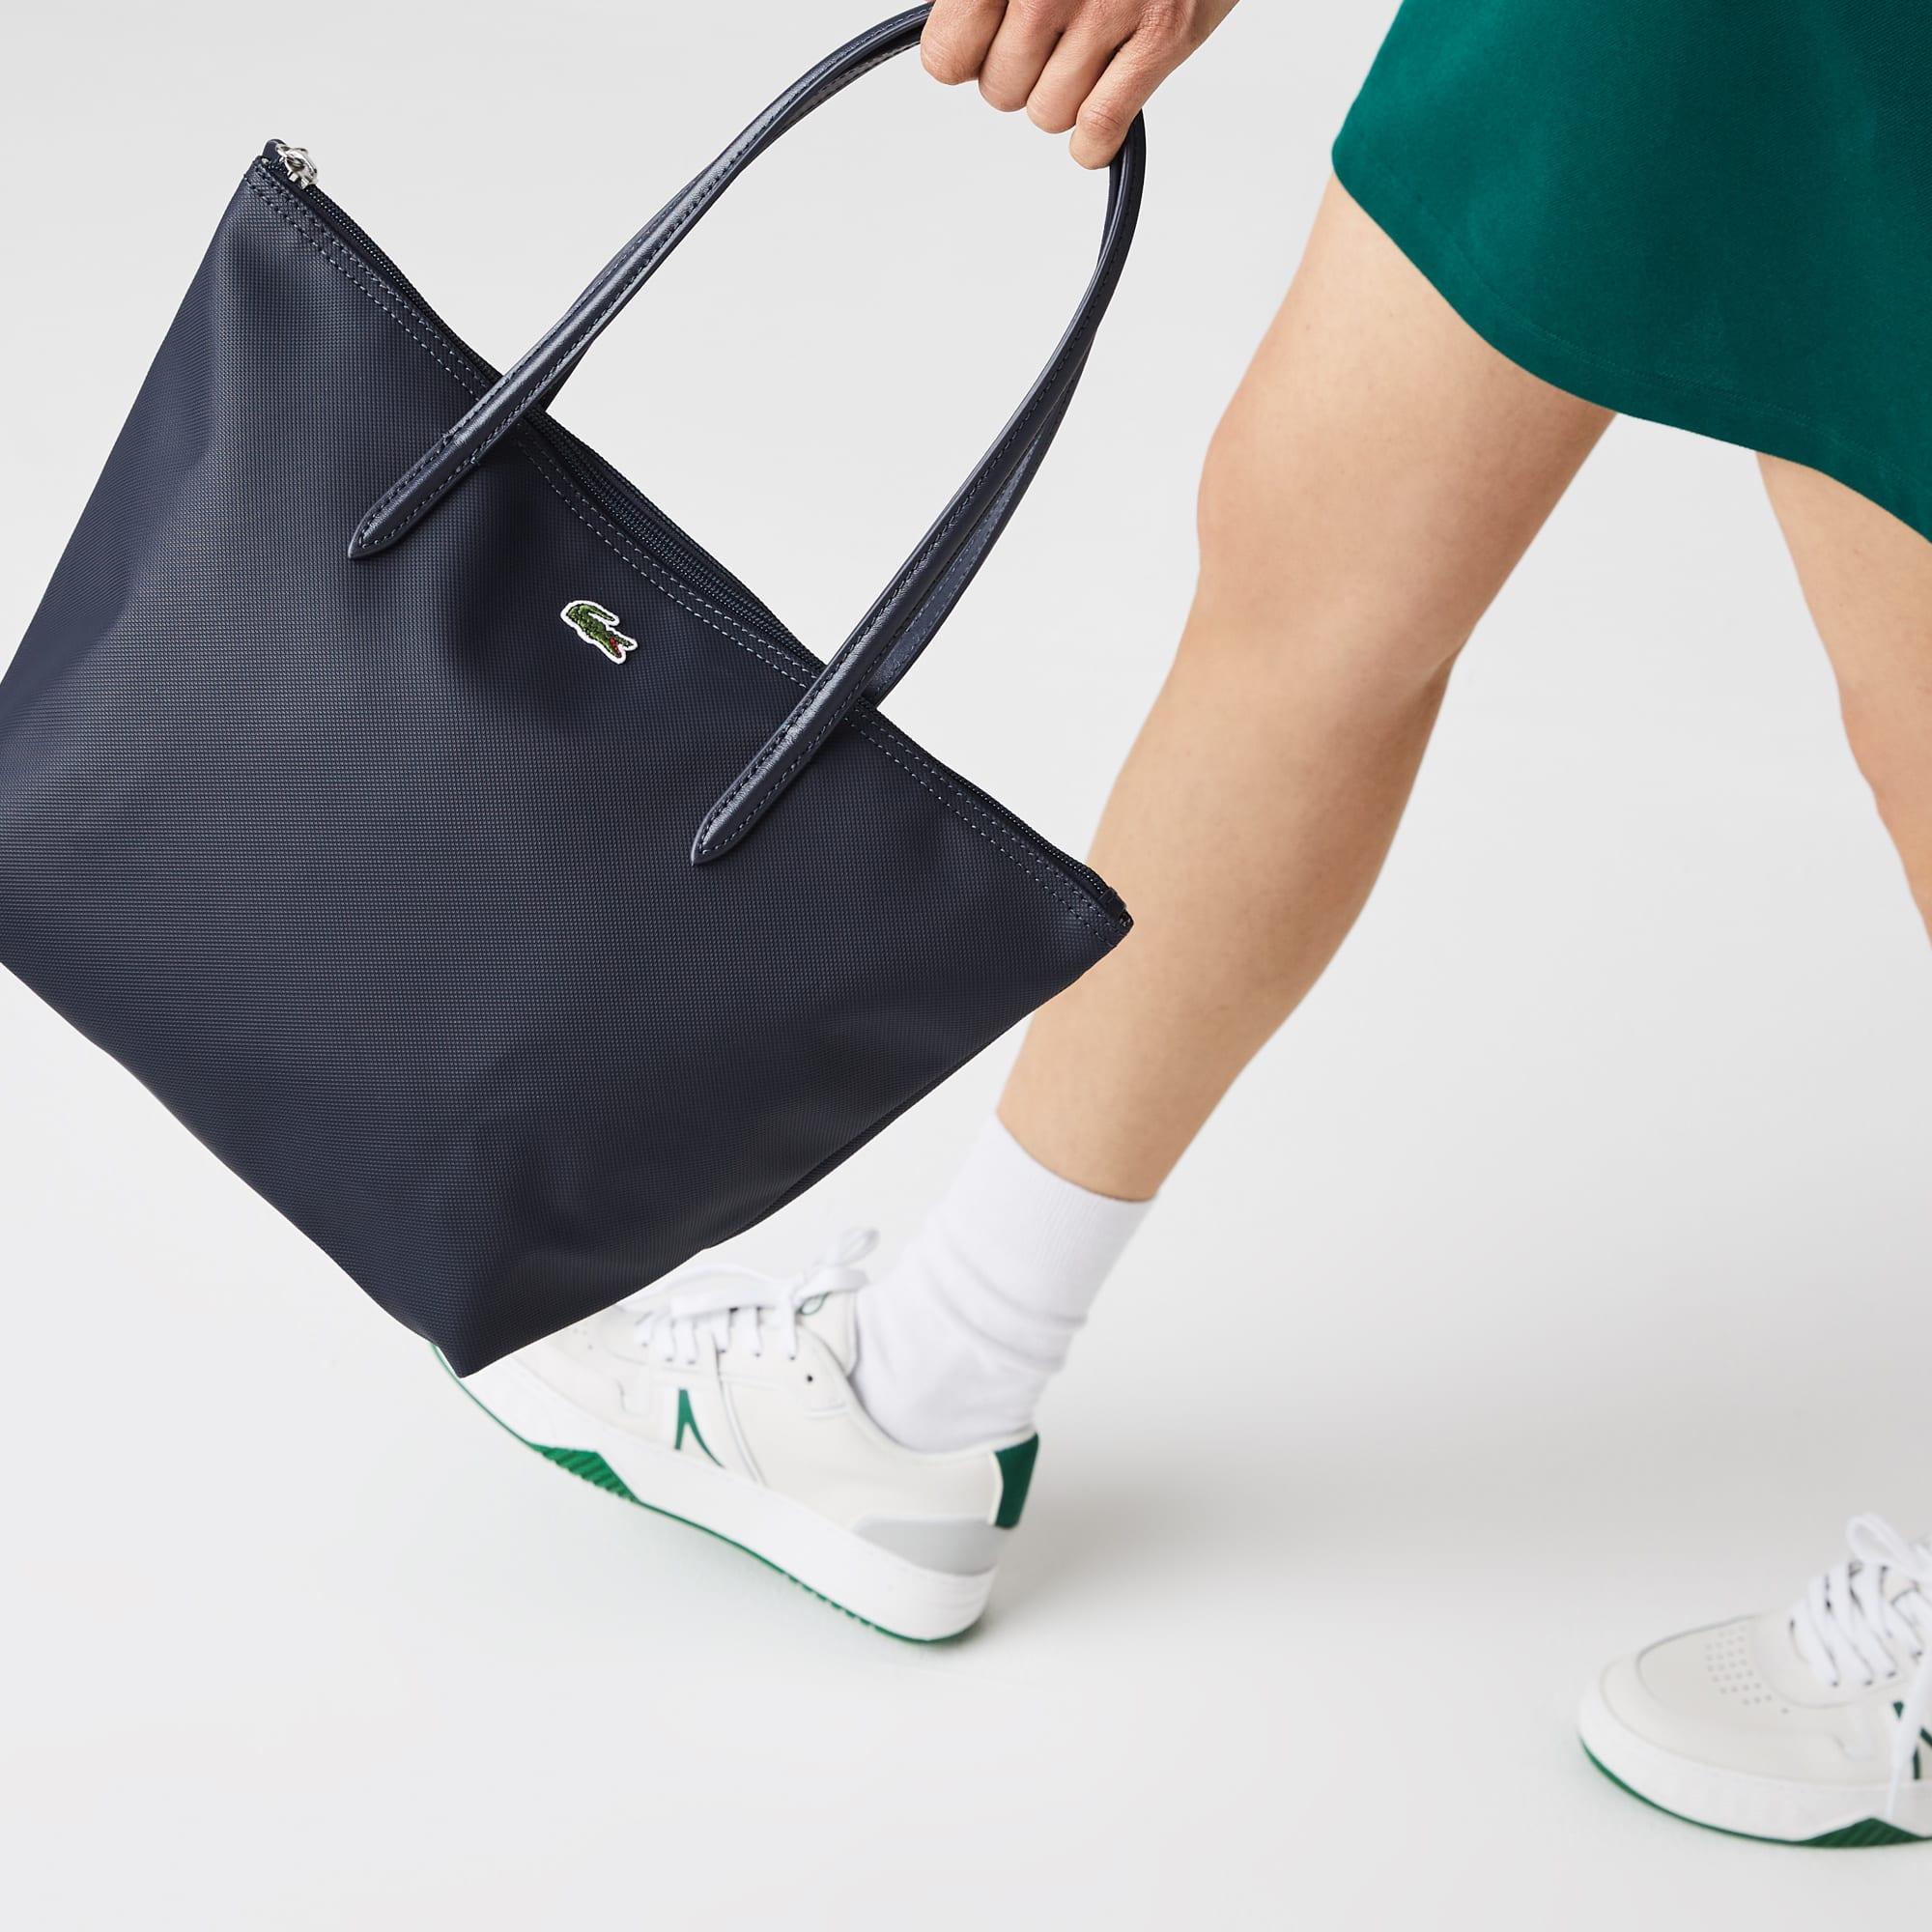 a4f791468f1 Women's L.12.12 Small Tote Bag | LACOSTE